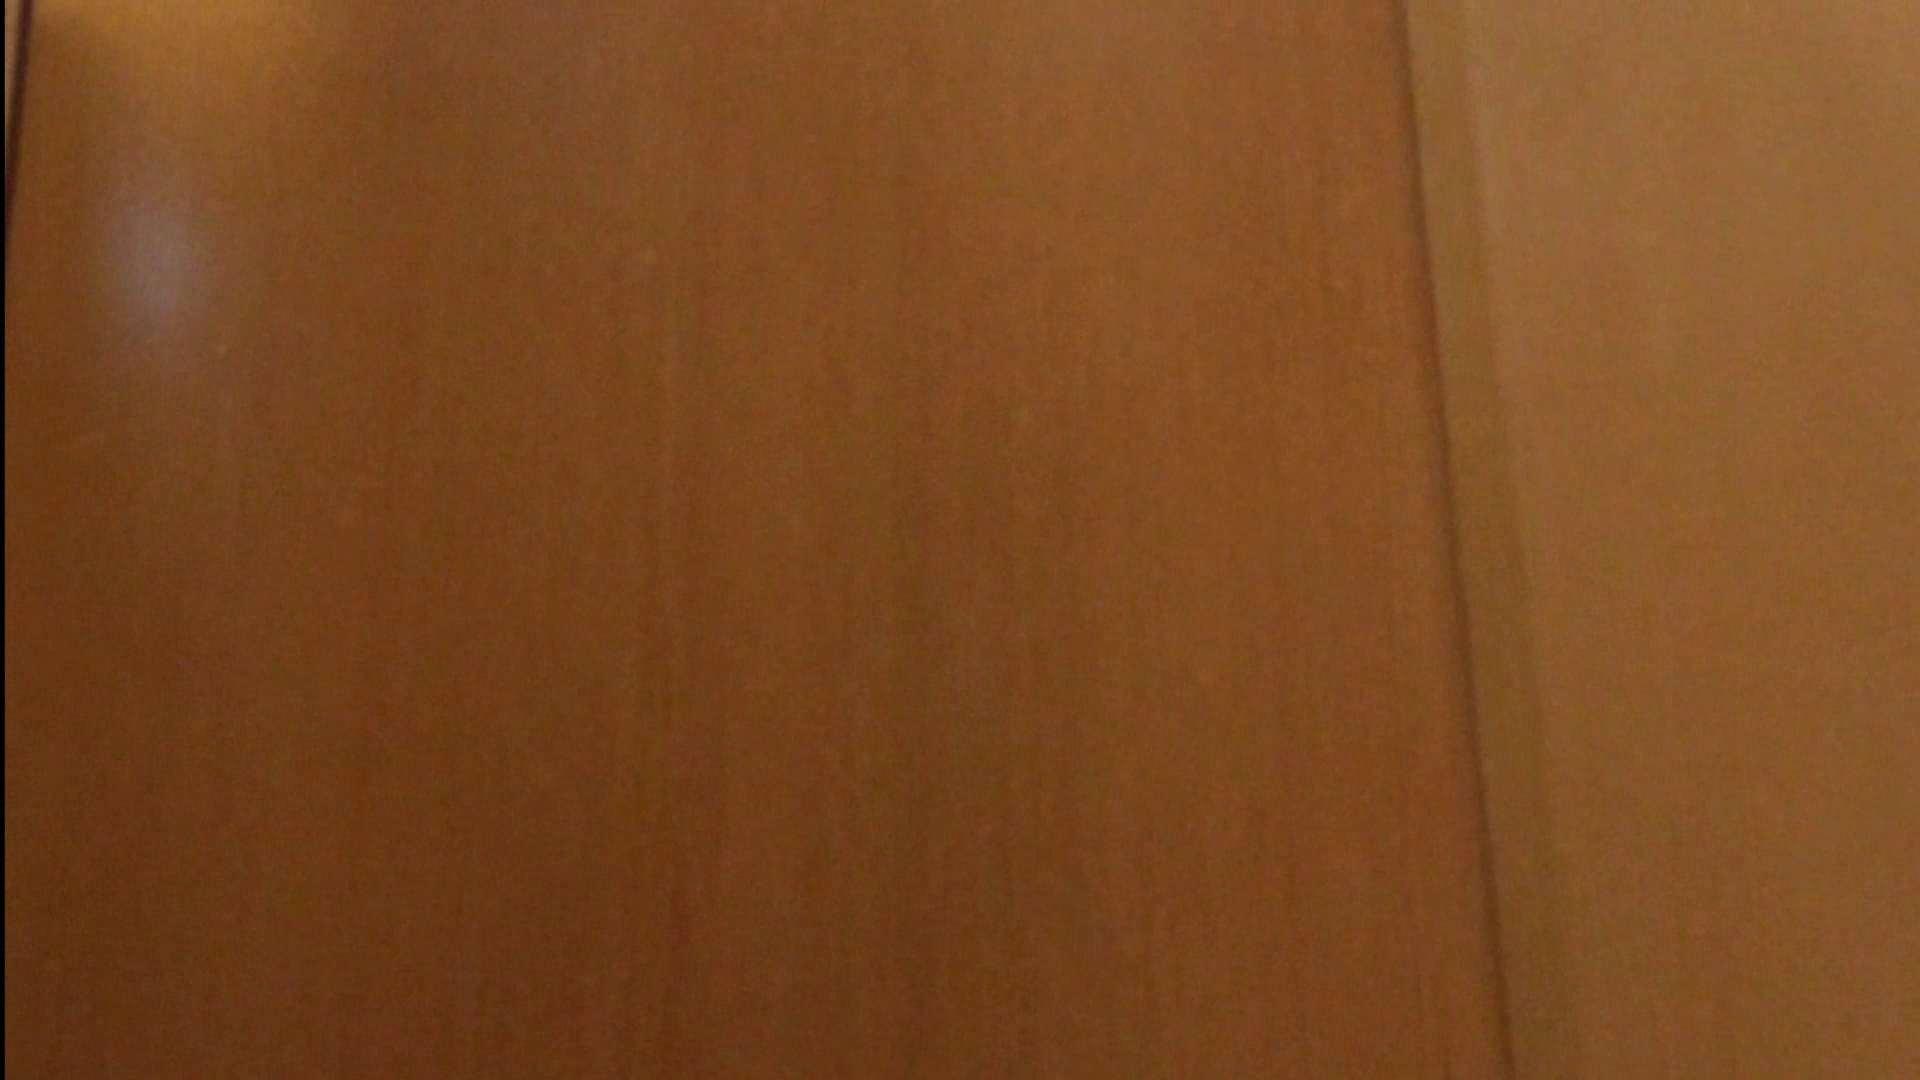 隣国化粧室下から御免!! No.04 美女ハメ撮り  100Pix 27